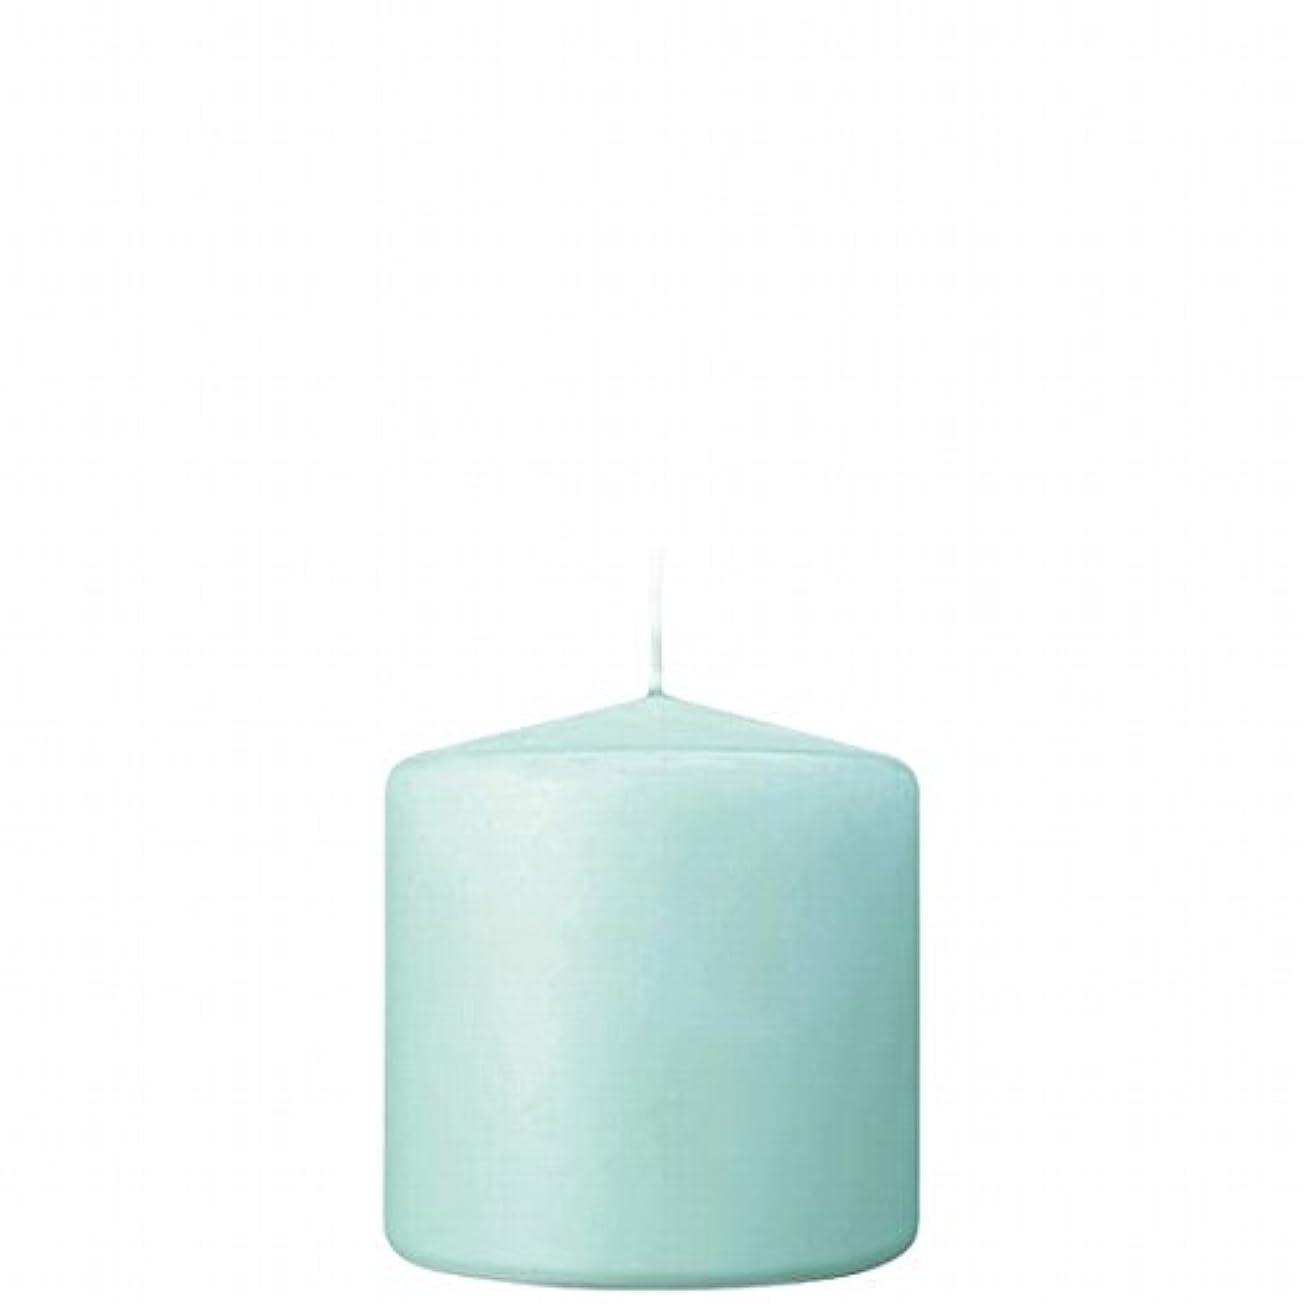 あいまい勝つ演じるカメヤマキャンドル(kameyama candle) 3×3ベルトップピラーキャンドル 「 ライトブルー 」